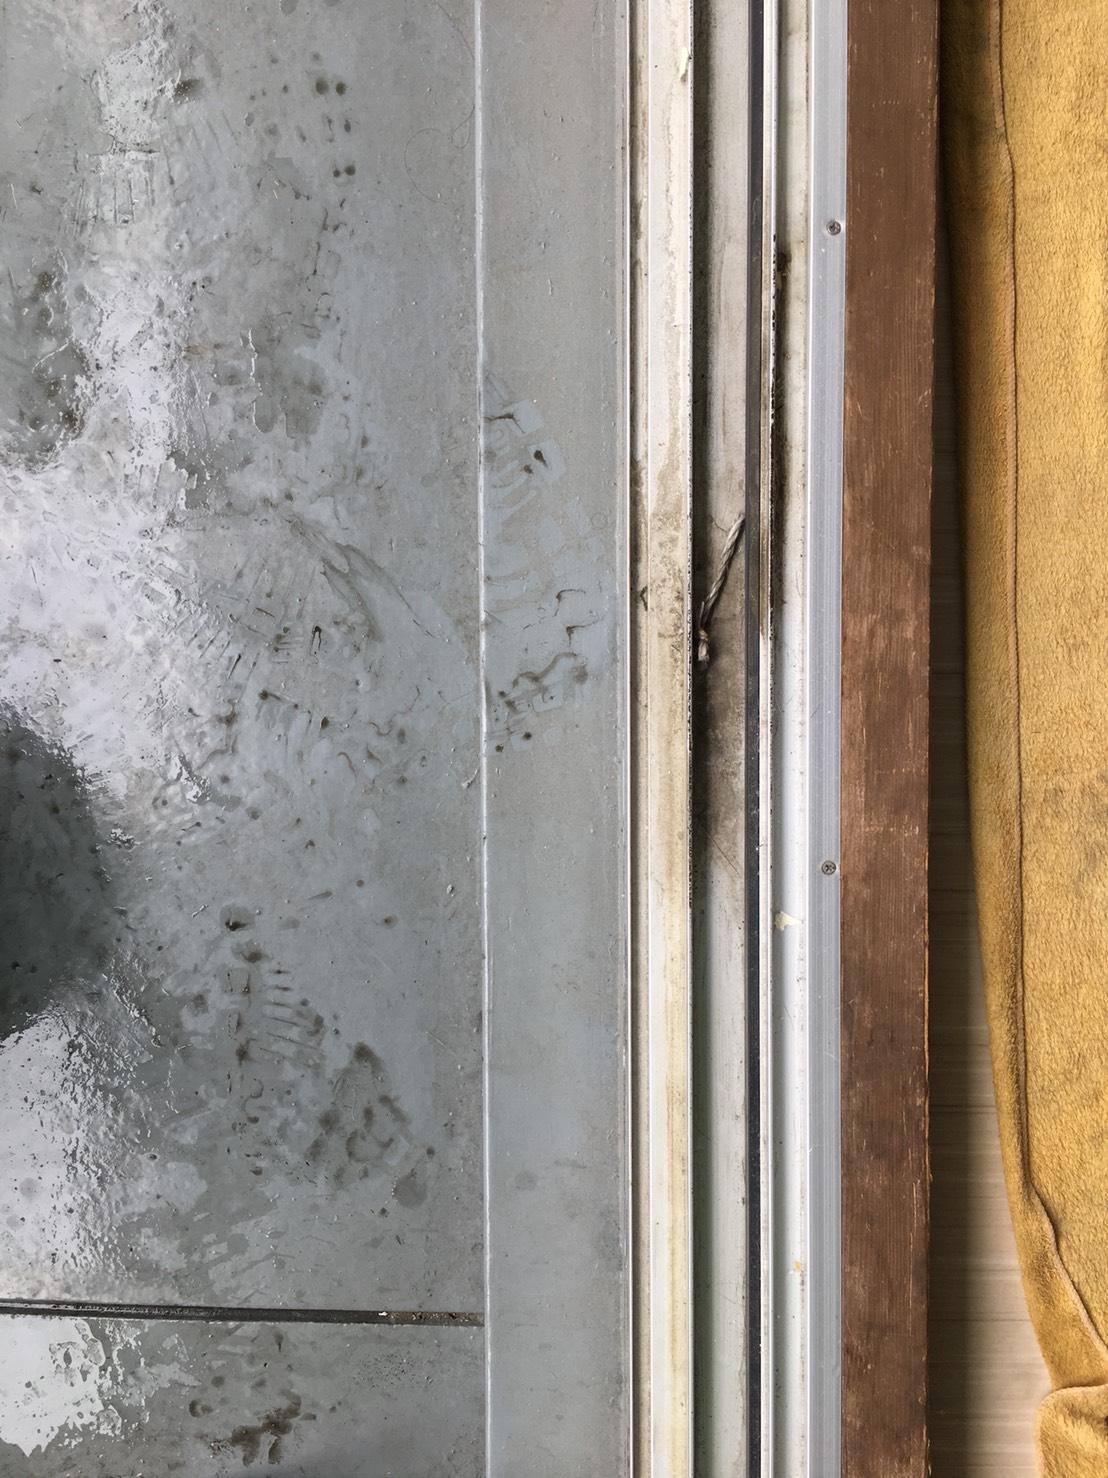 窓・サッシ清掃~楽に楽しく窓掃除・こどもワーク体験・子供がする家事手伝い!親子一緒に(ラク家事)6月からスタート